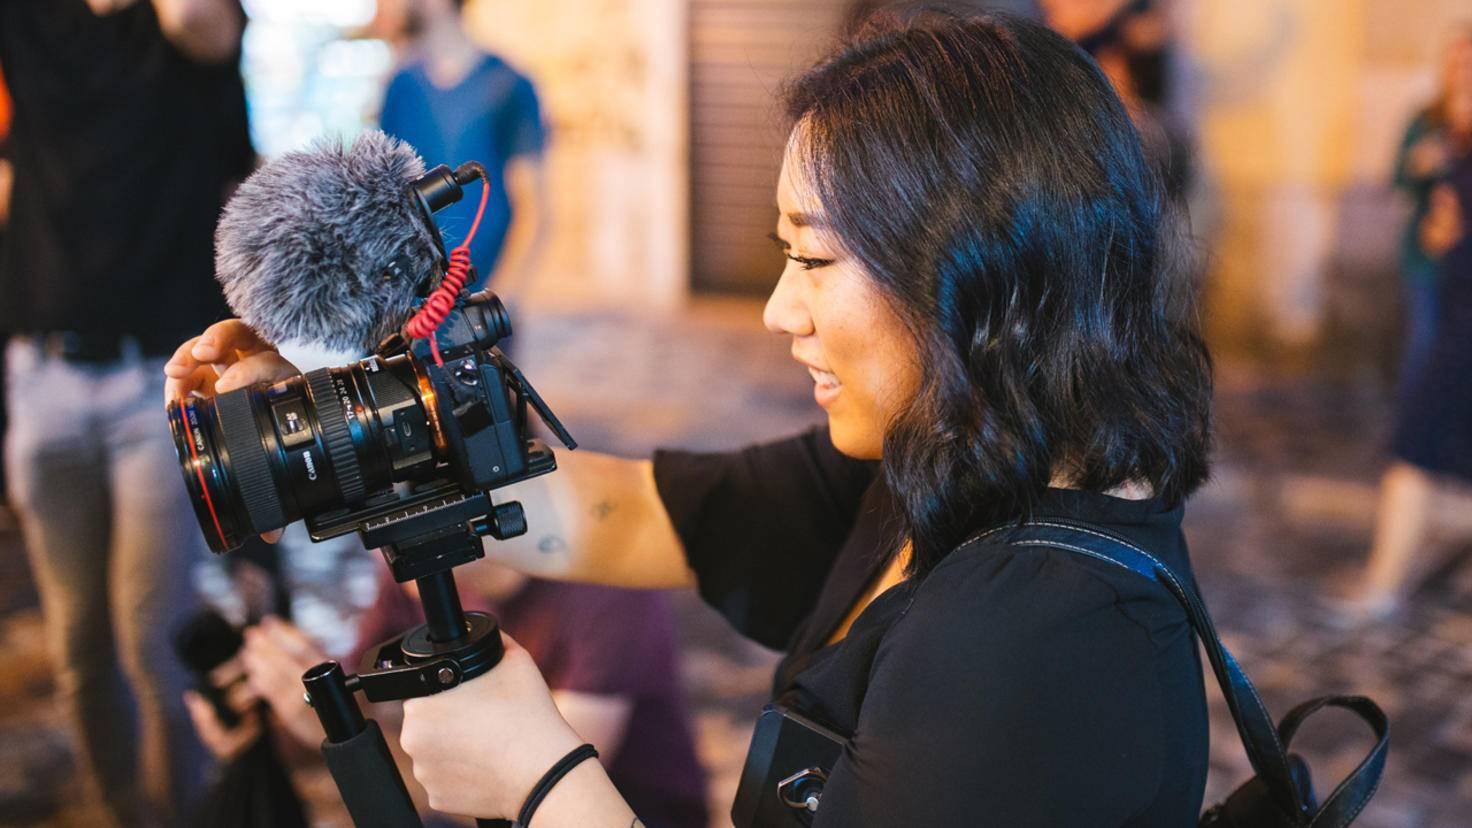 équipement-vlog-équipement-vlogger-accessoires-caméra-micro